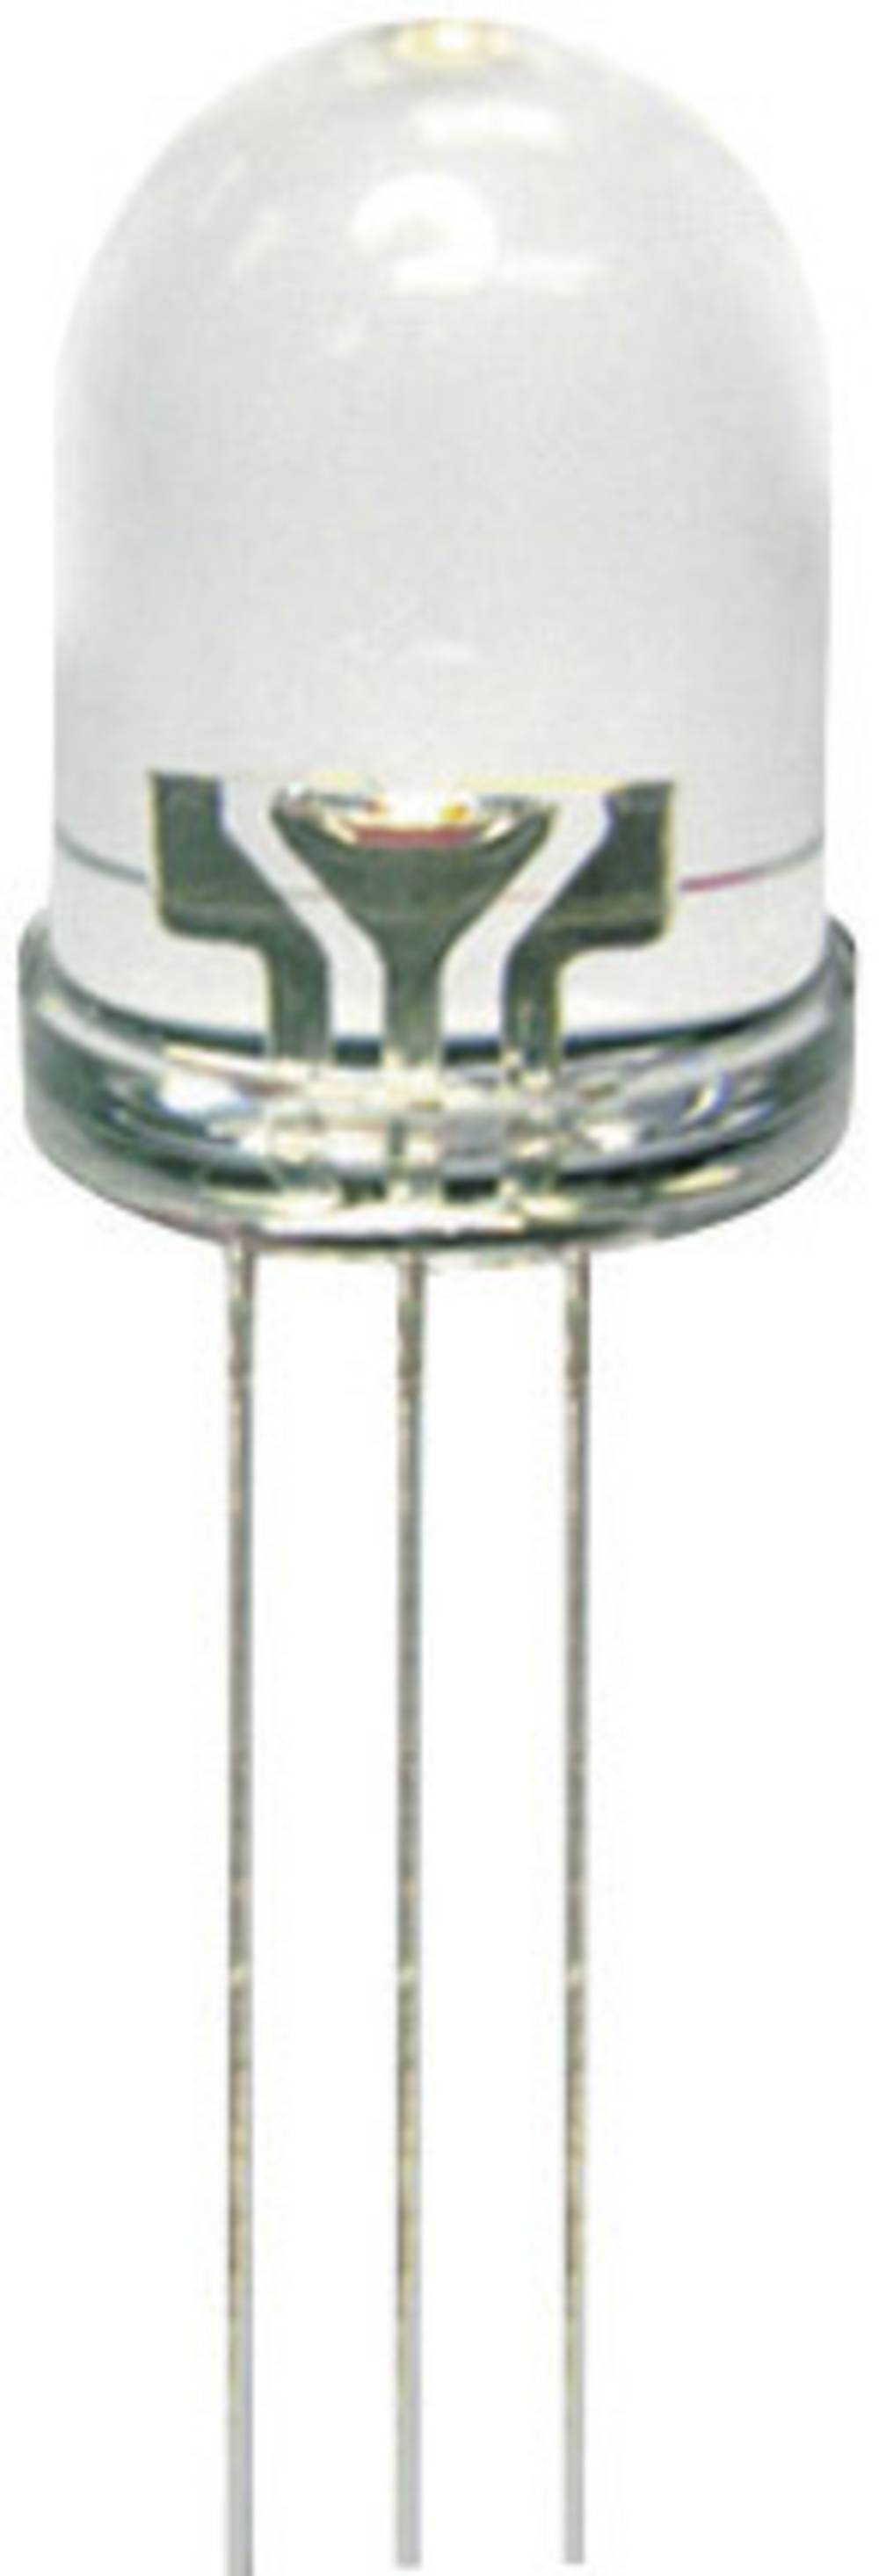 LED dioda, večbarvna rdeča, zelena, okrogla 8 mm 80 mcd, 50 mcd 50 ° 20 mA 2 V, 2.2 V Kingbright L-799EGW